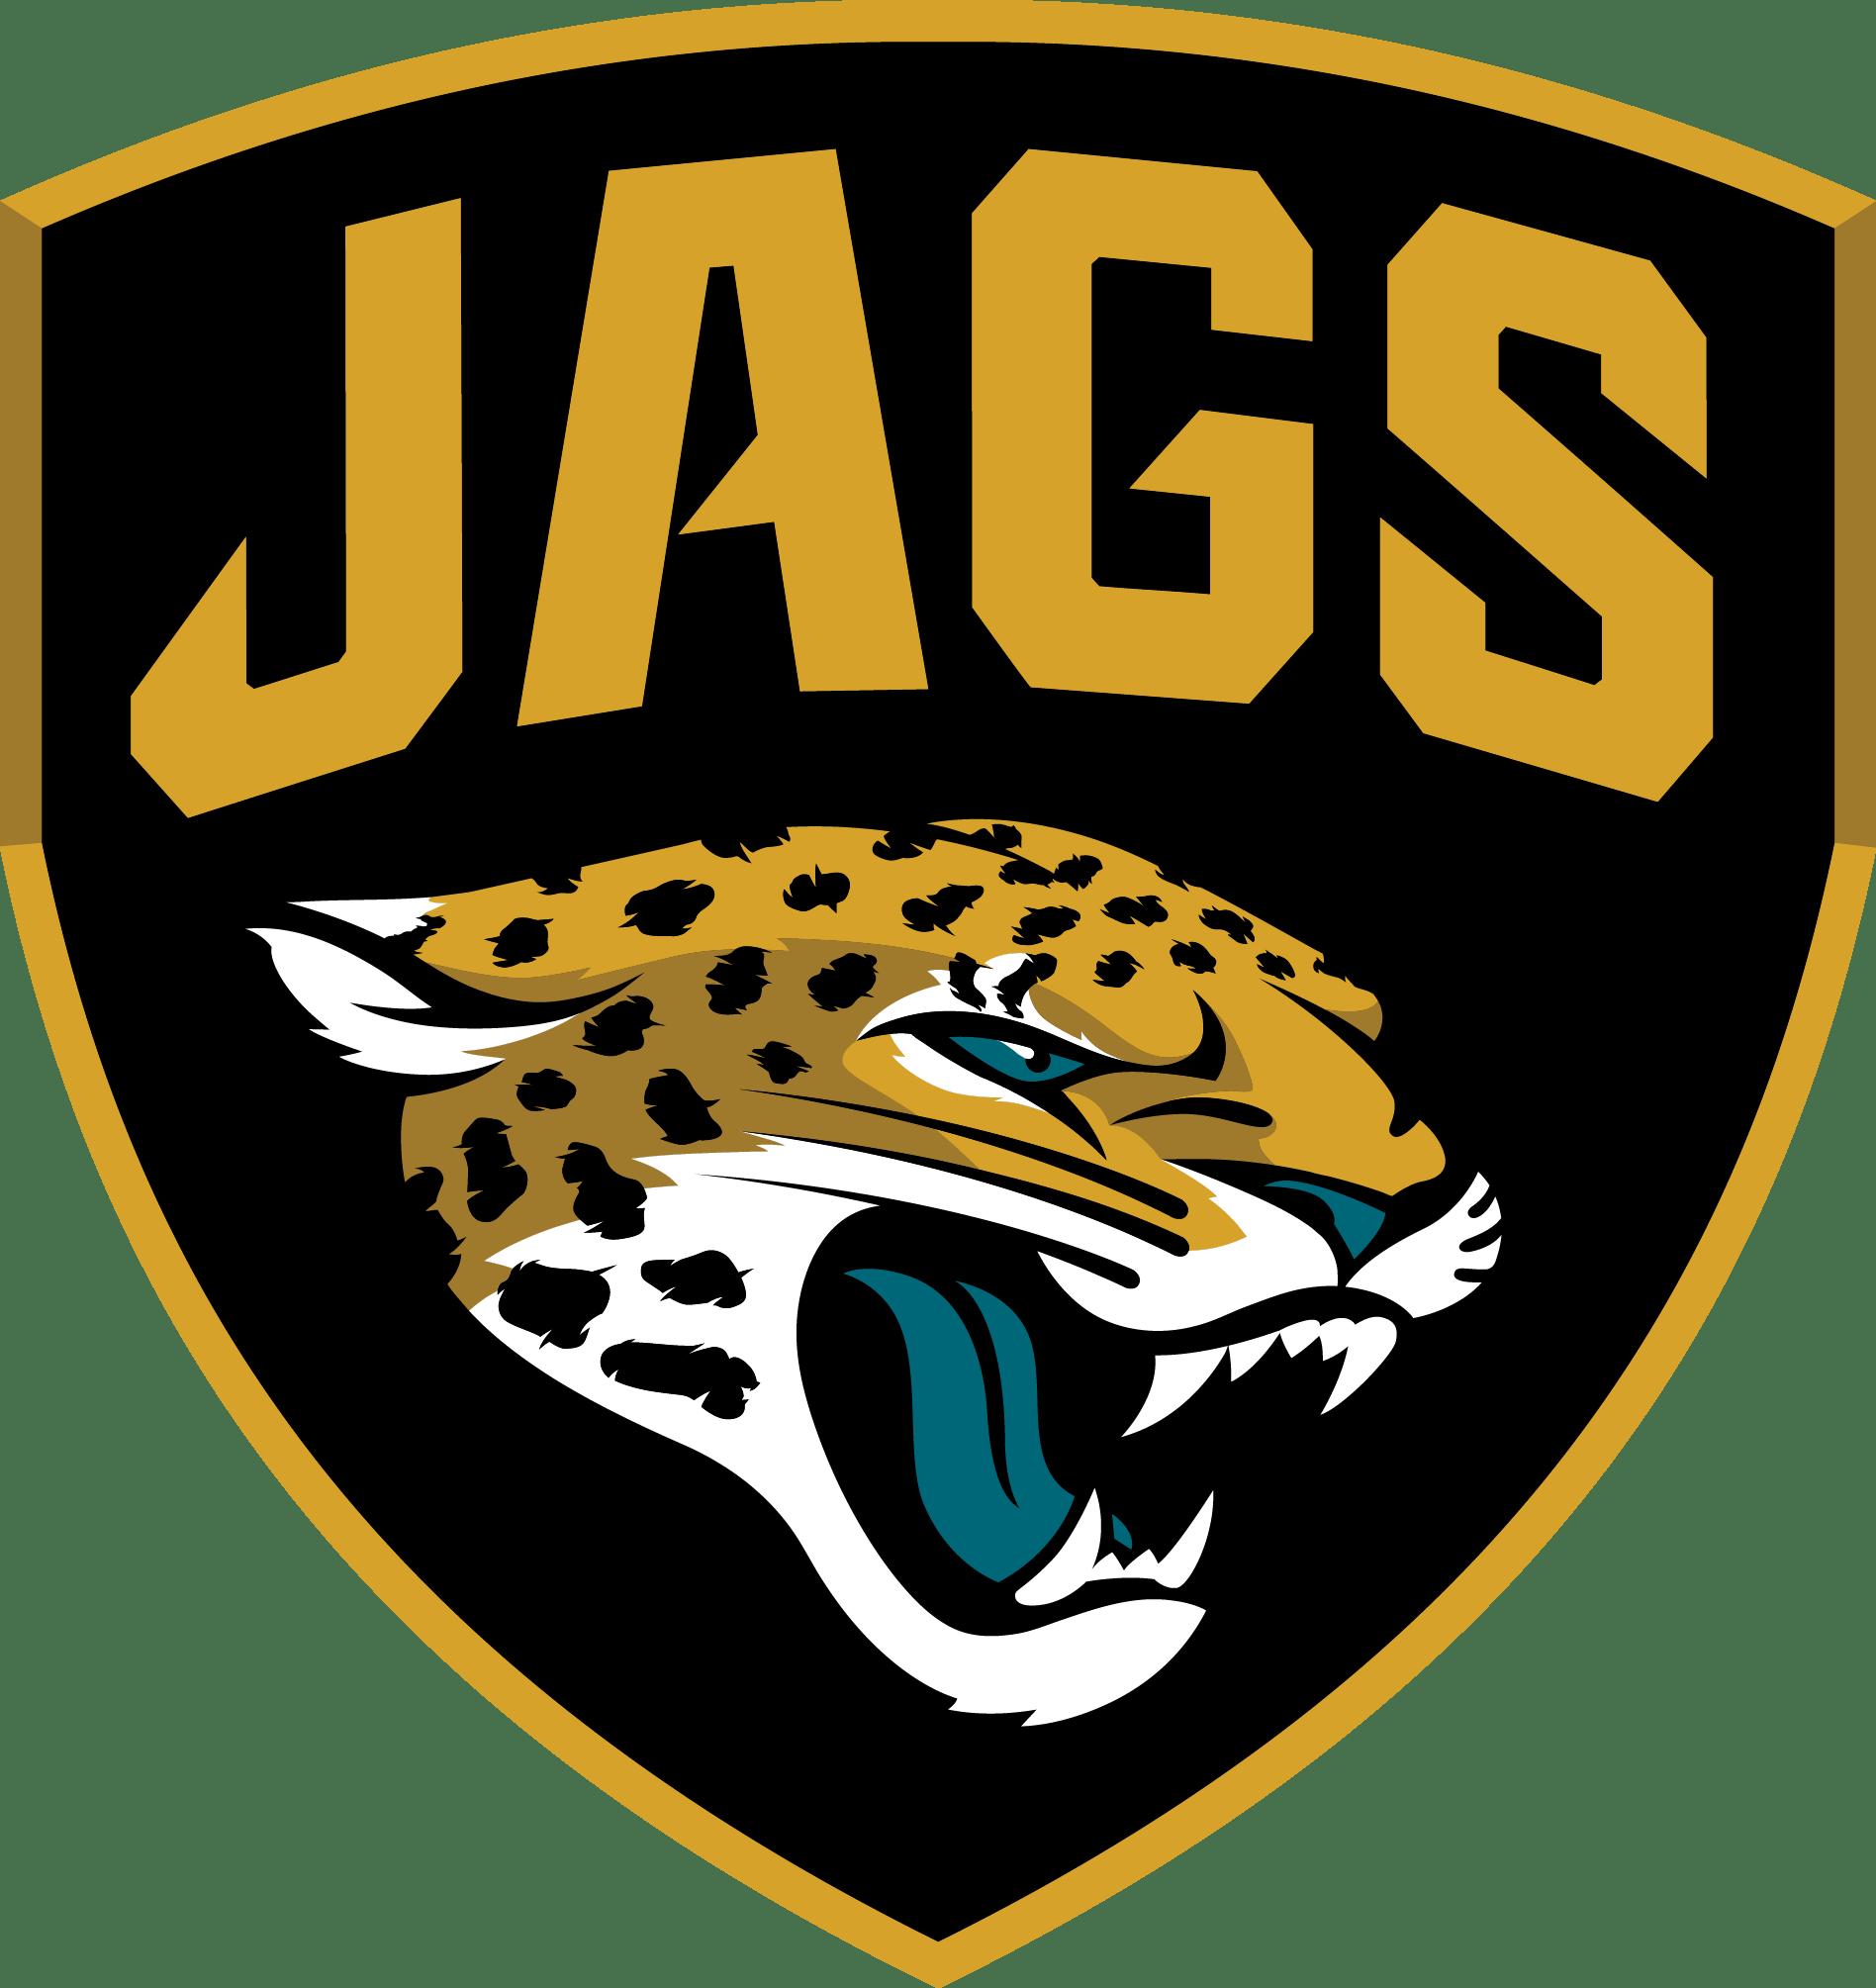 Military-inspired logo.